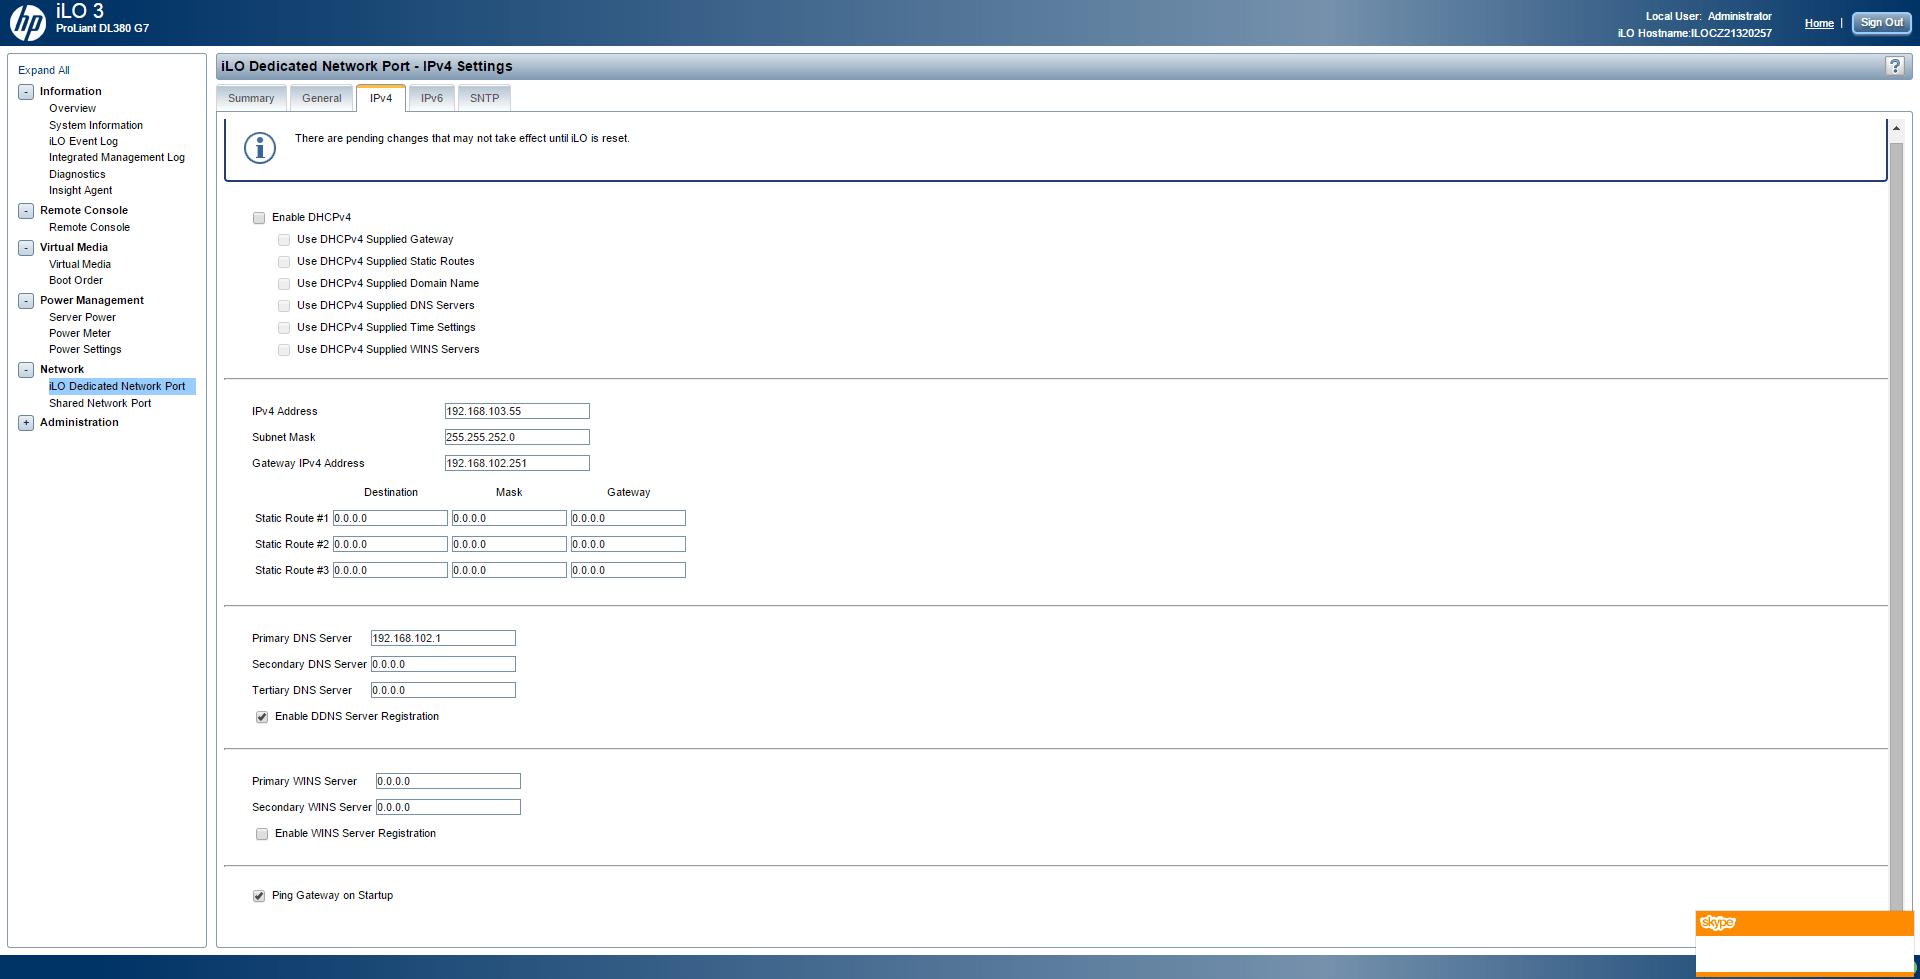 Обзор параметров ILO 3 в HP dl380 g7-20